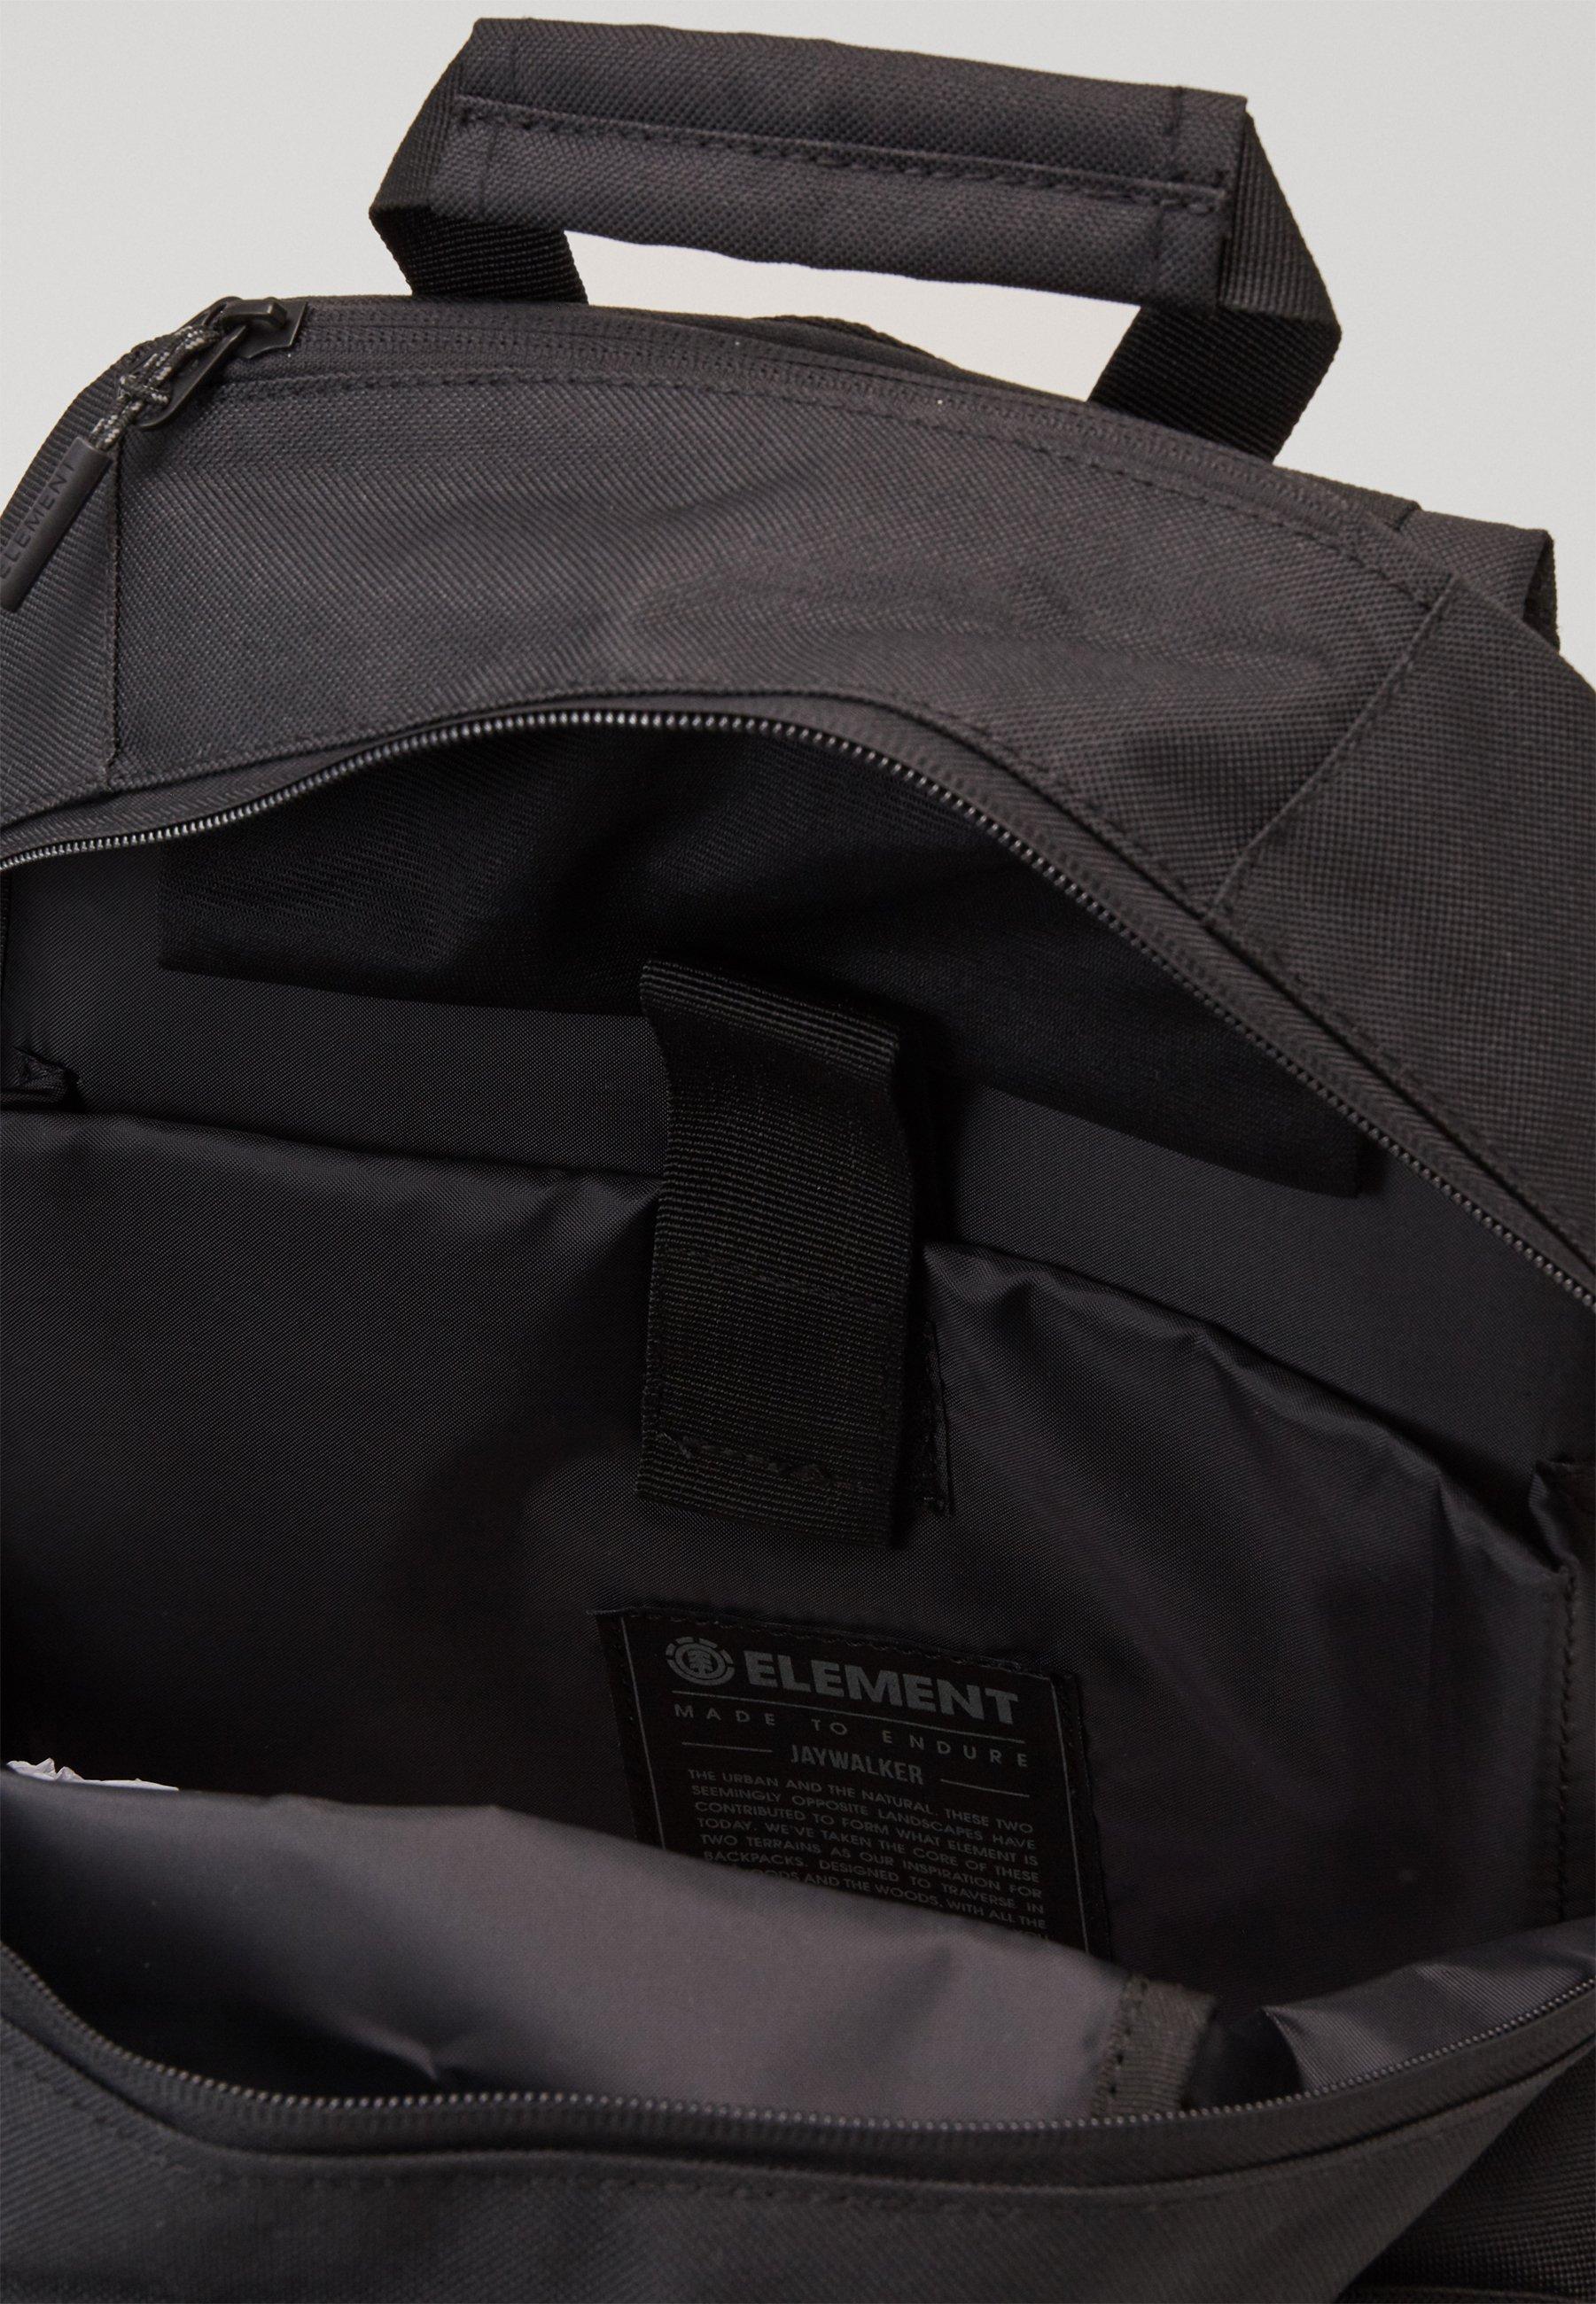 Element JAYWALKER - Tagesrucksack - all black/schwarz - Herrentaschen Lt4yc